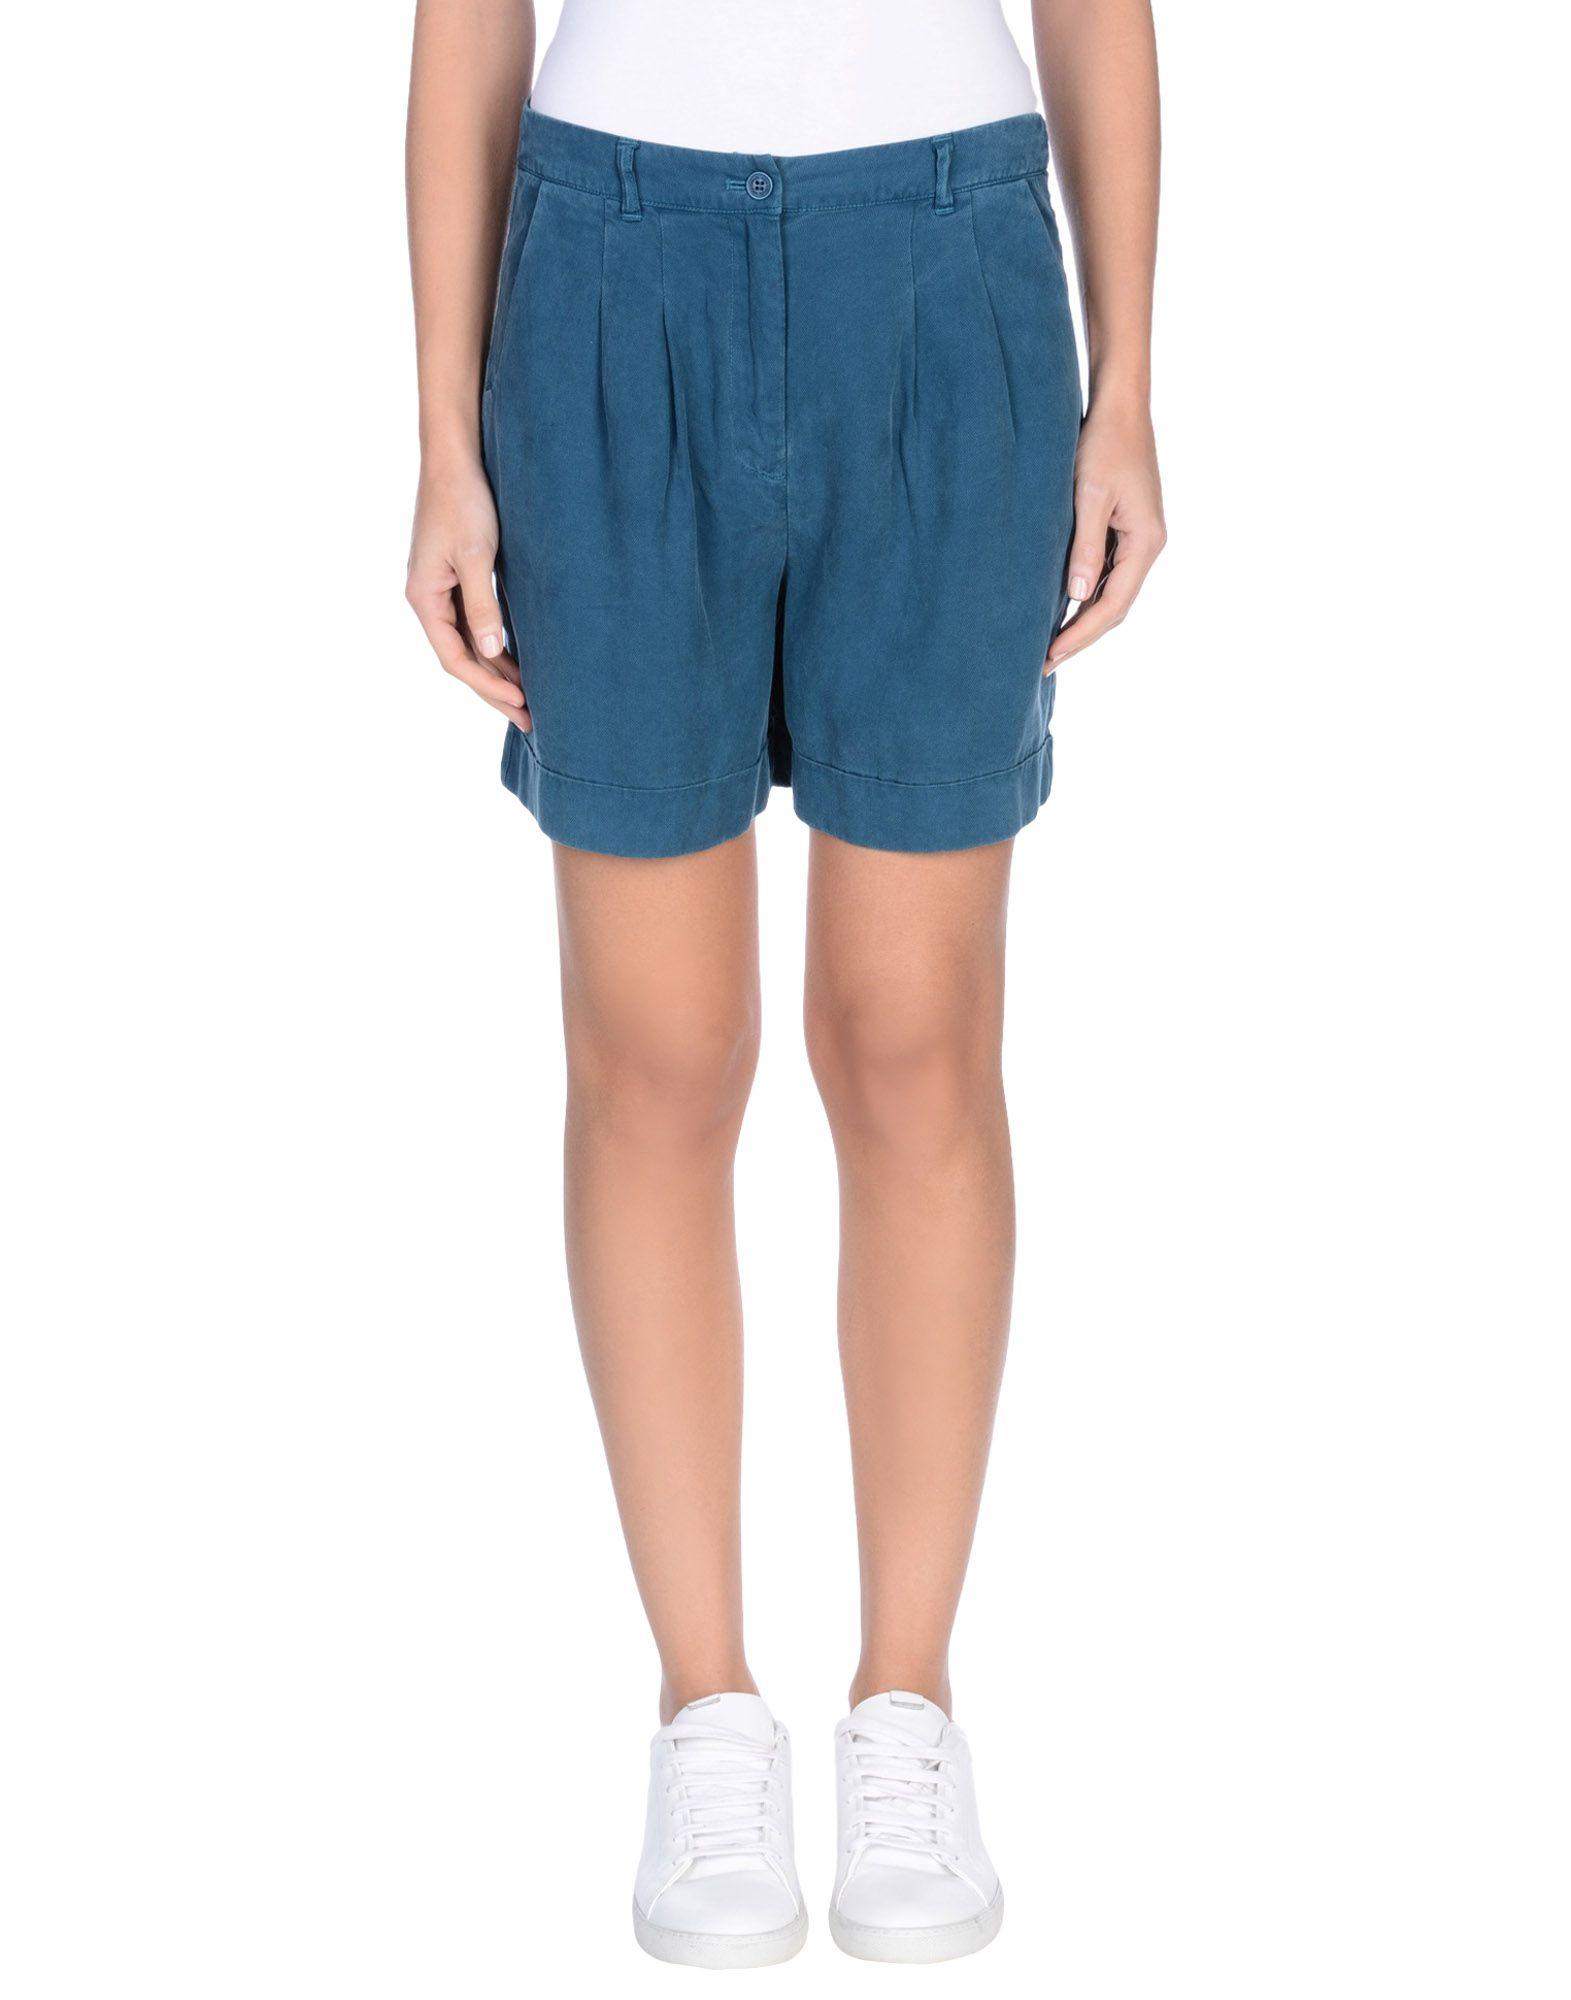 NICE THINGS by PALOMA S. Повседневные шорты шорты henry cotton s шорты